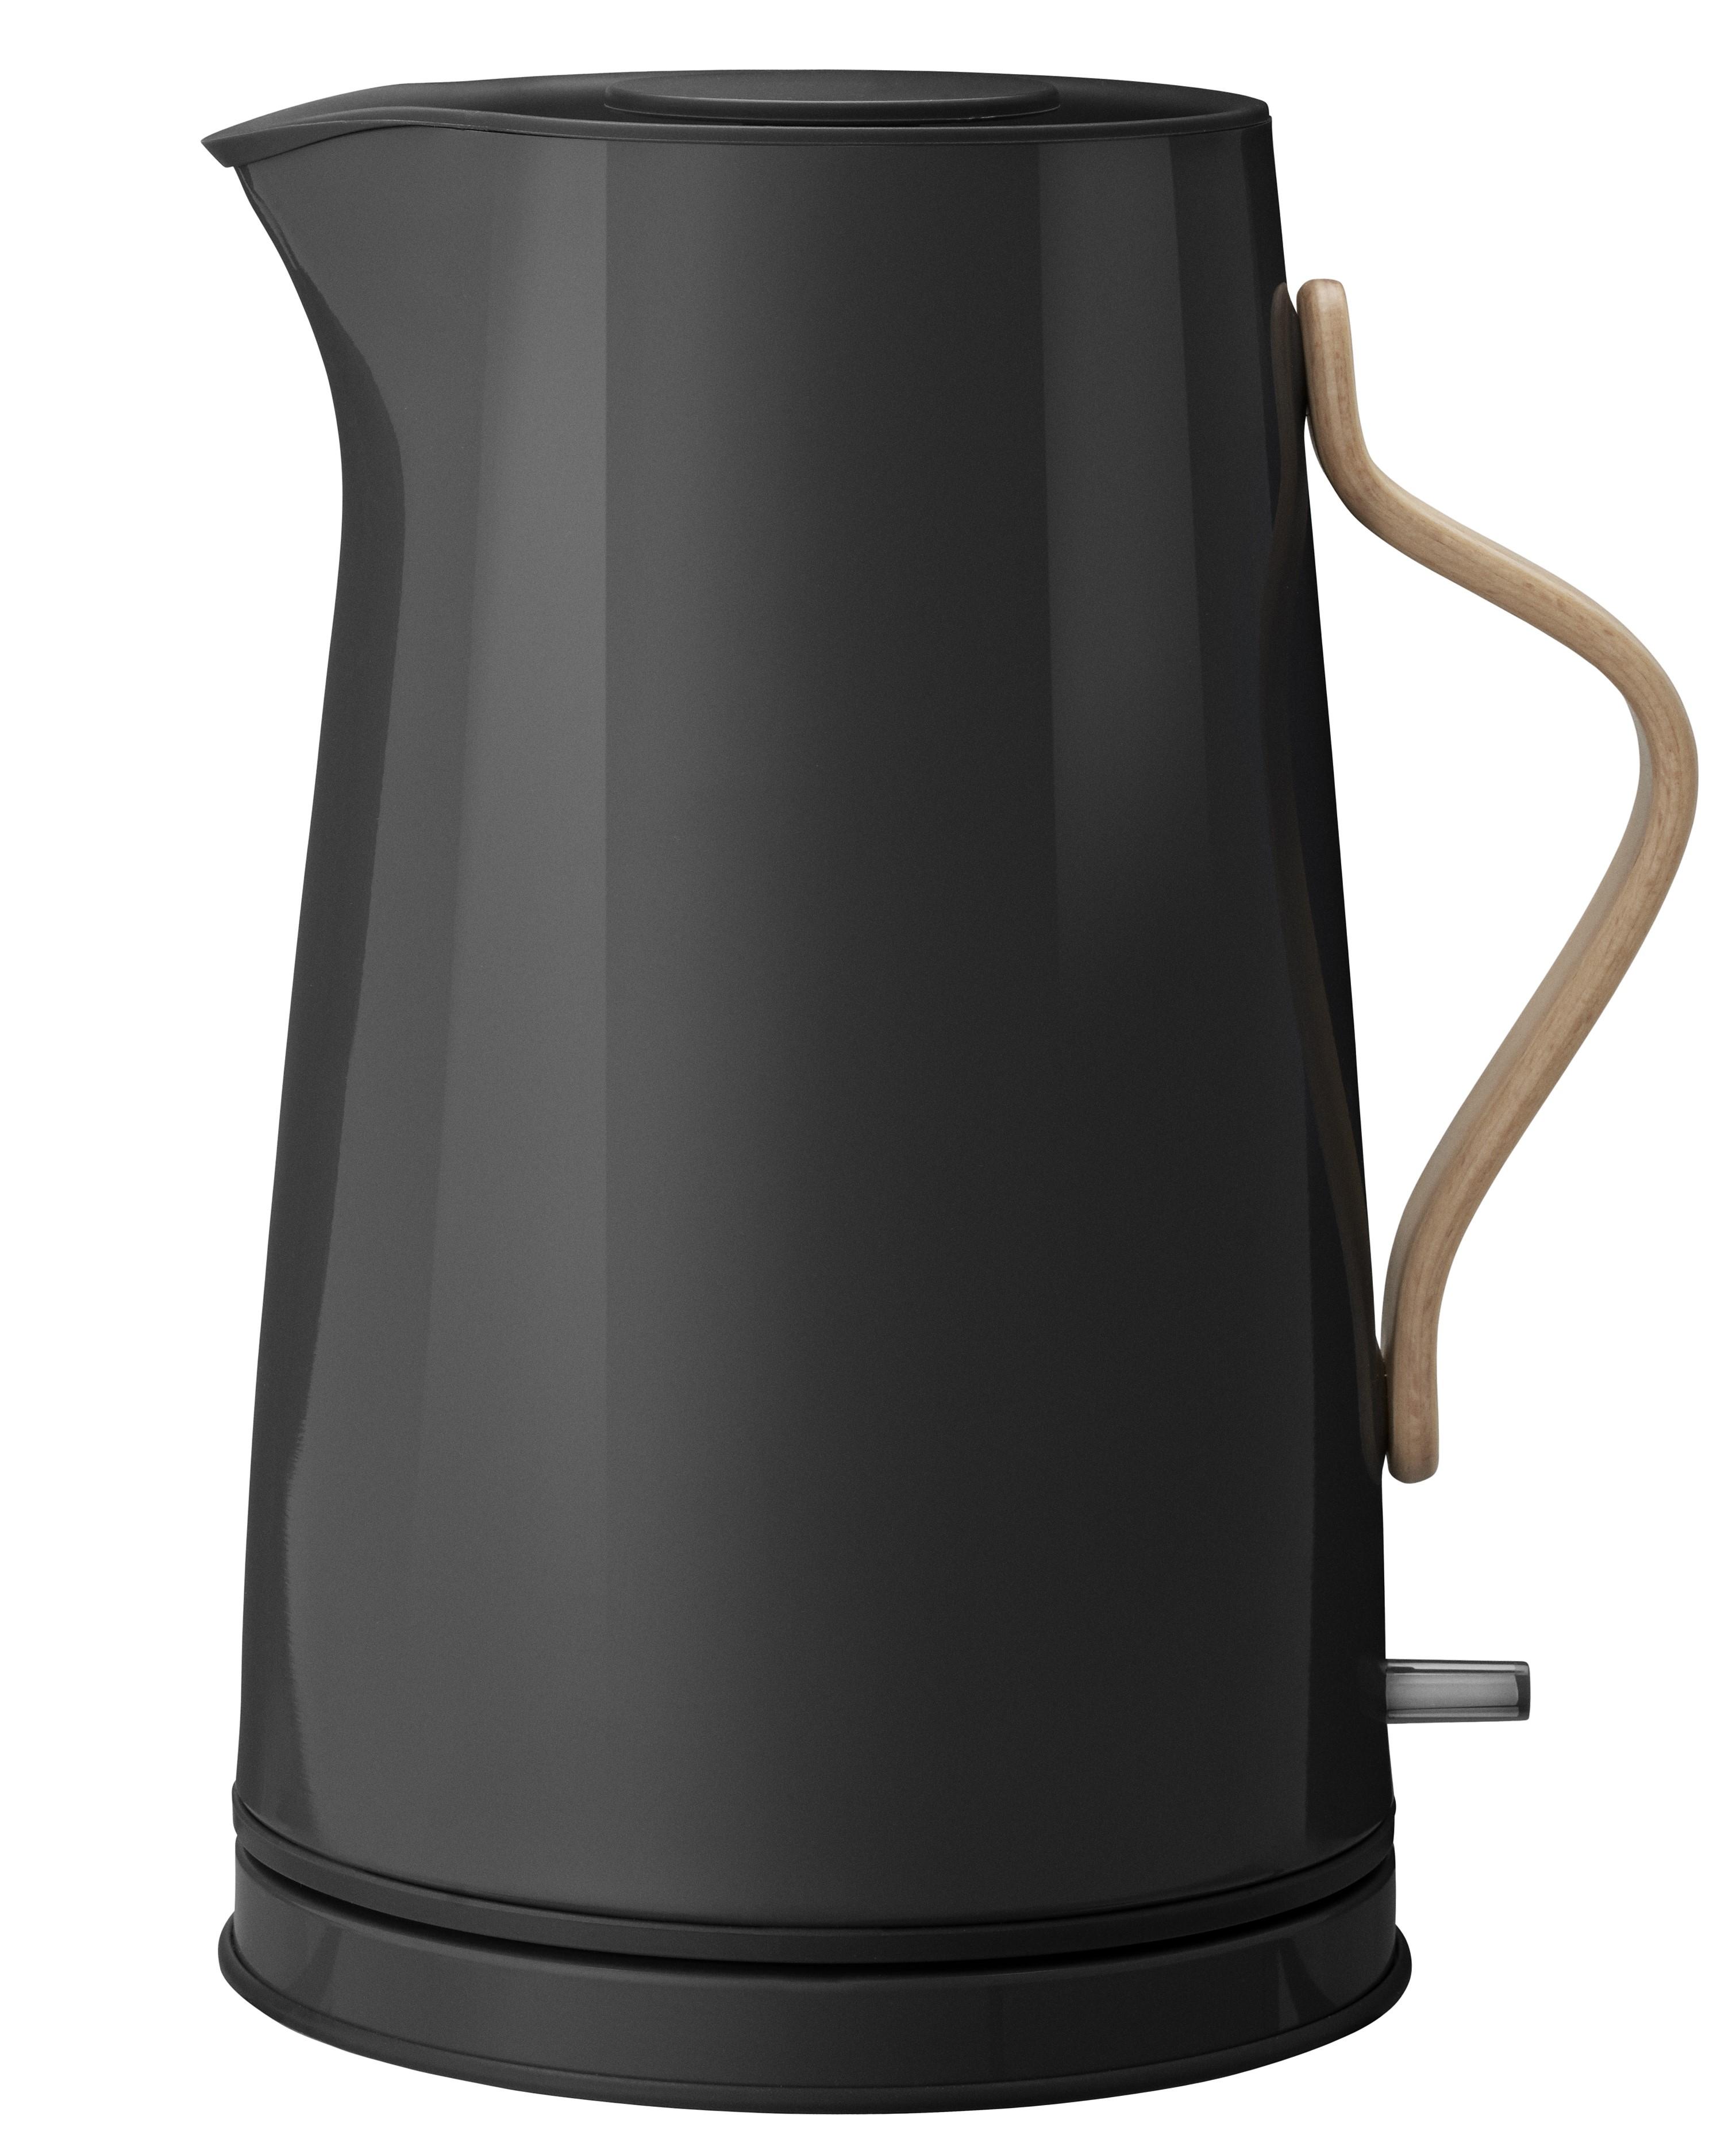 Stelton Emma Vattenkokare 1,2 liter - Svart